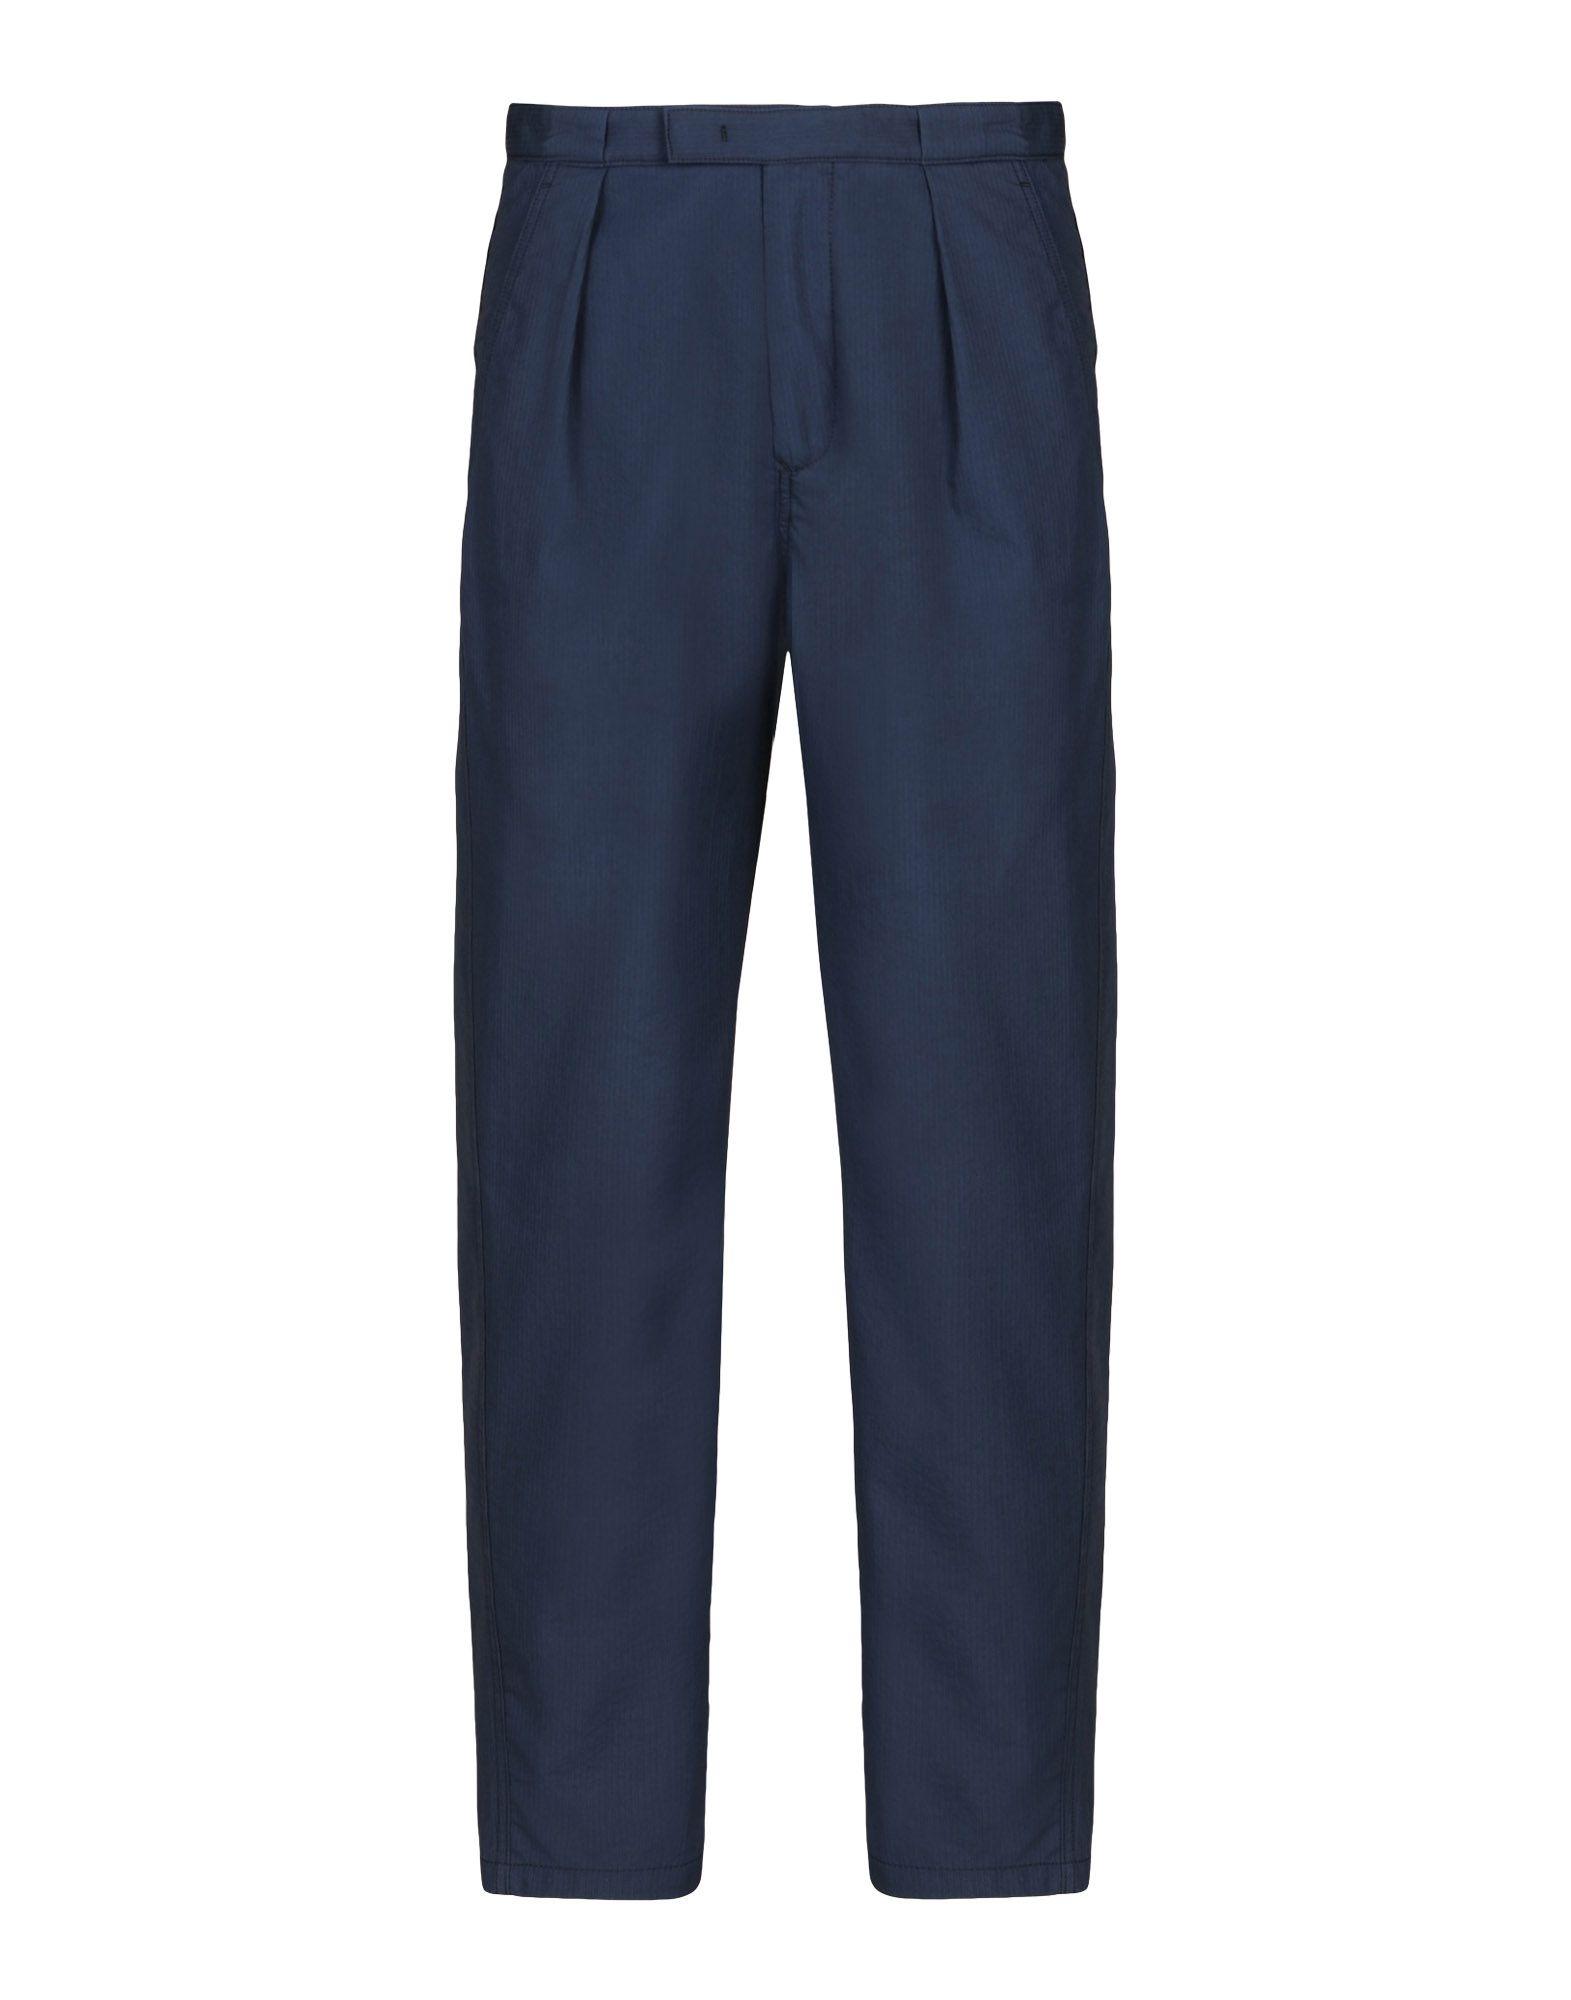 Pantalone Giorgio Armani Uomo - Acquista online su